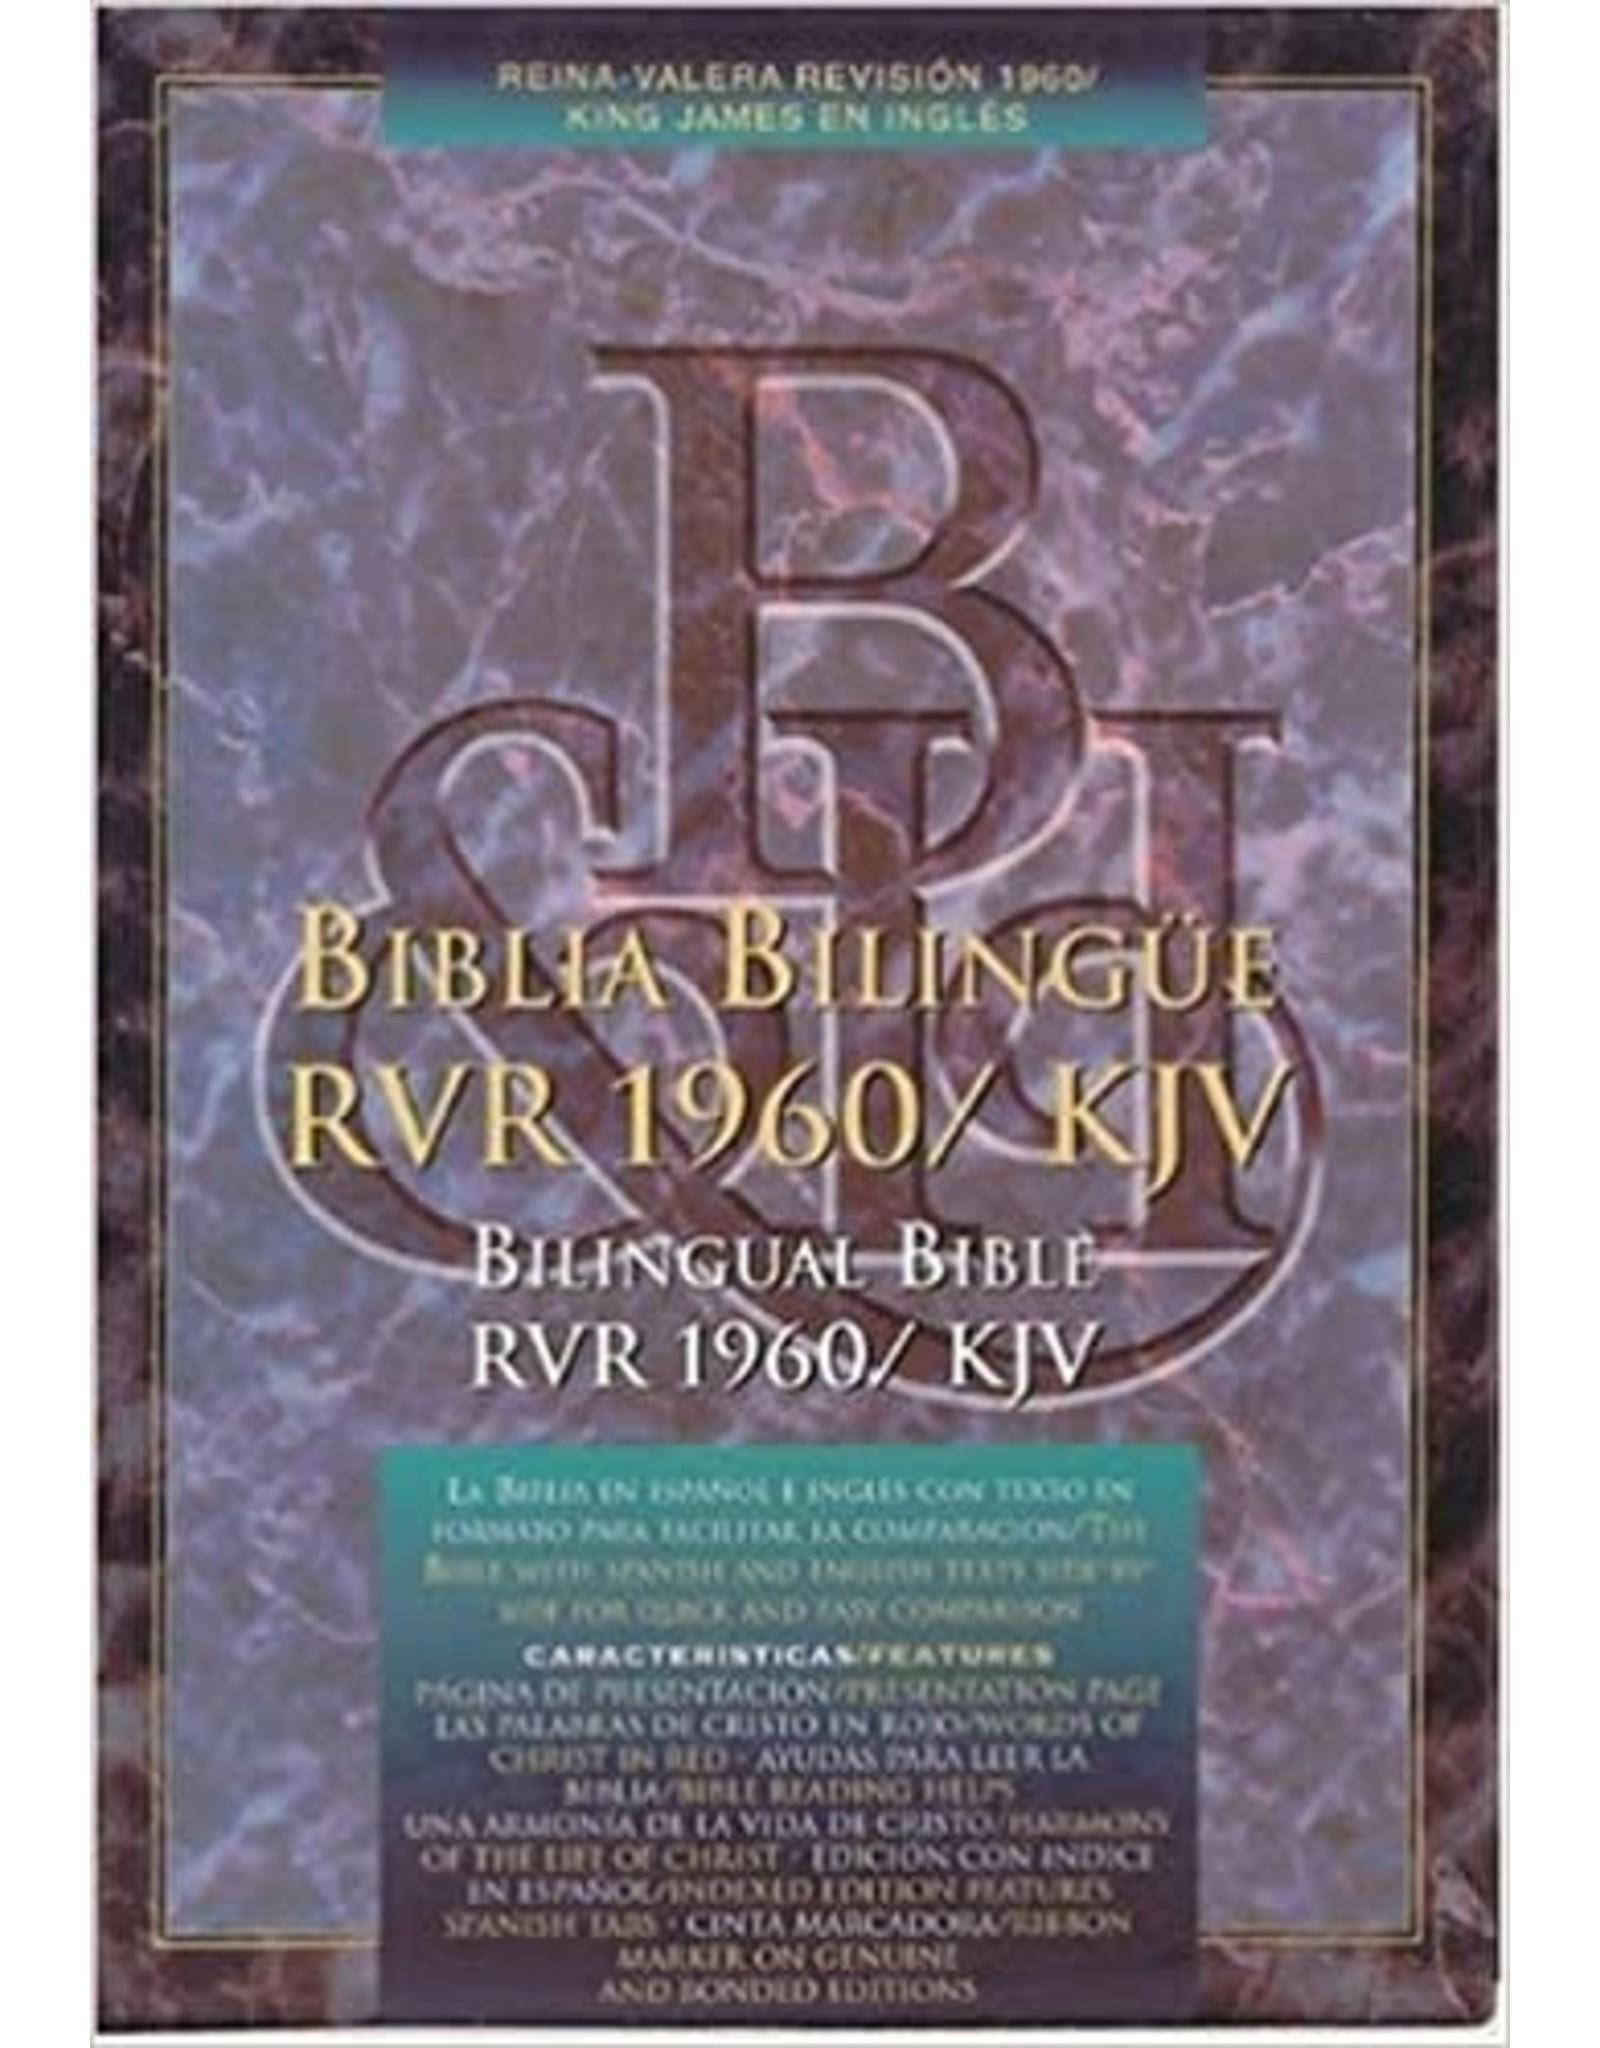 Bilingual Bible RVR 1960/KJV